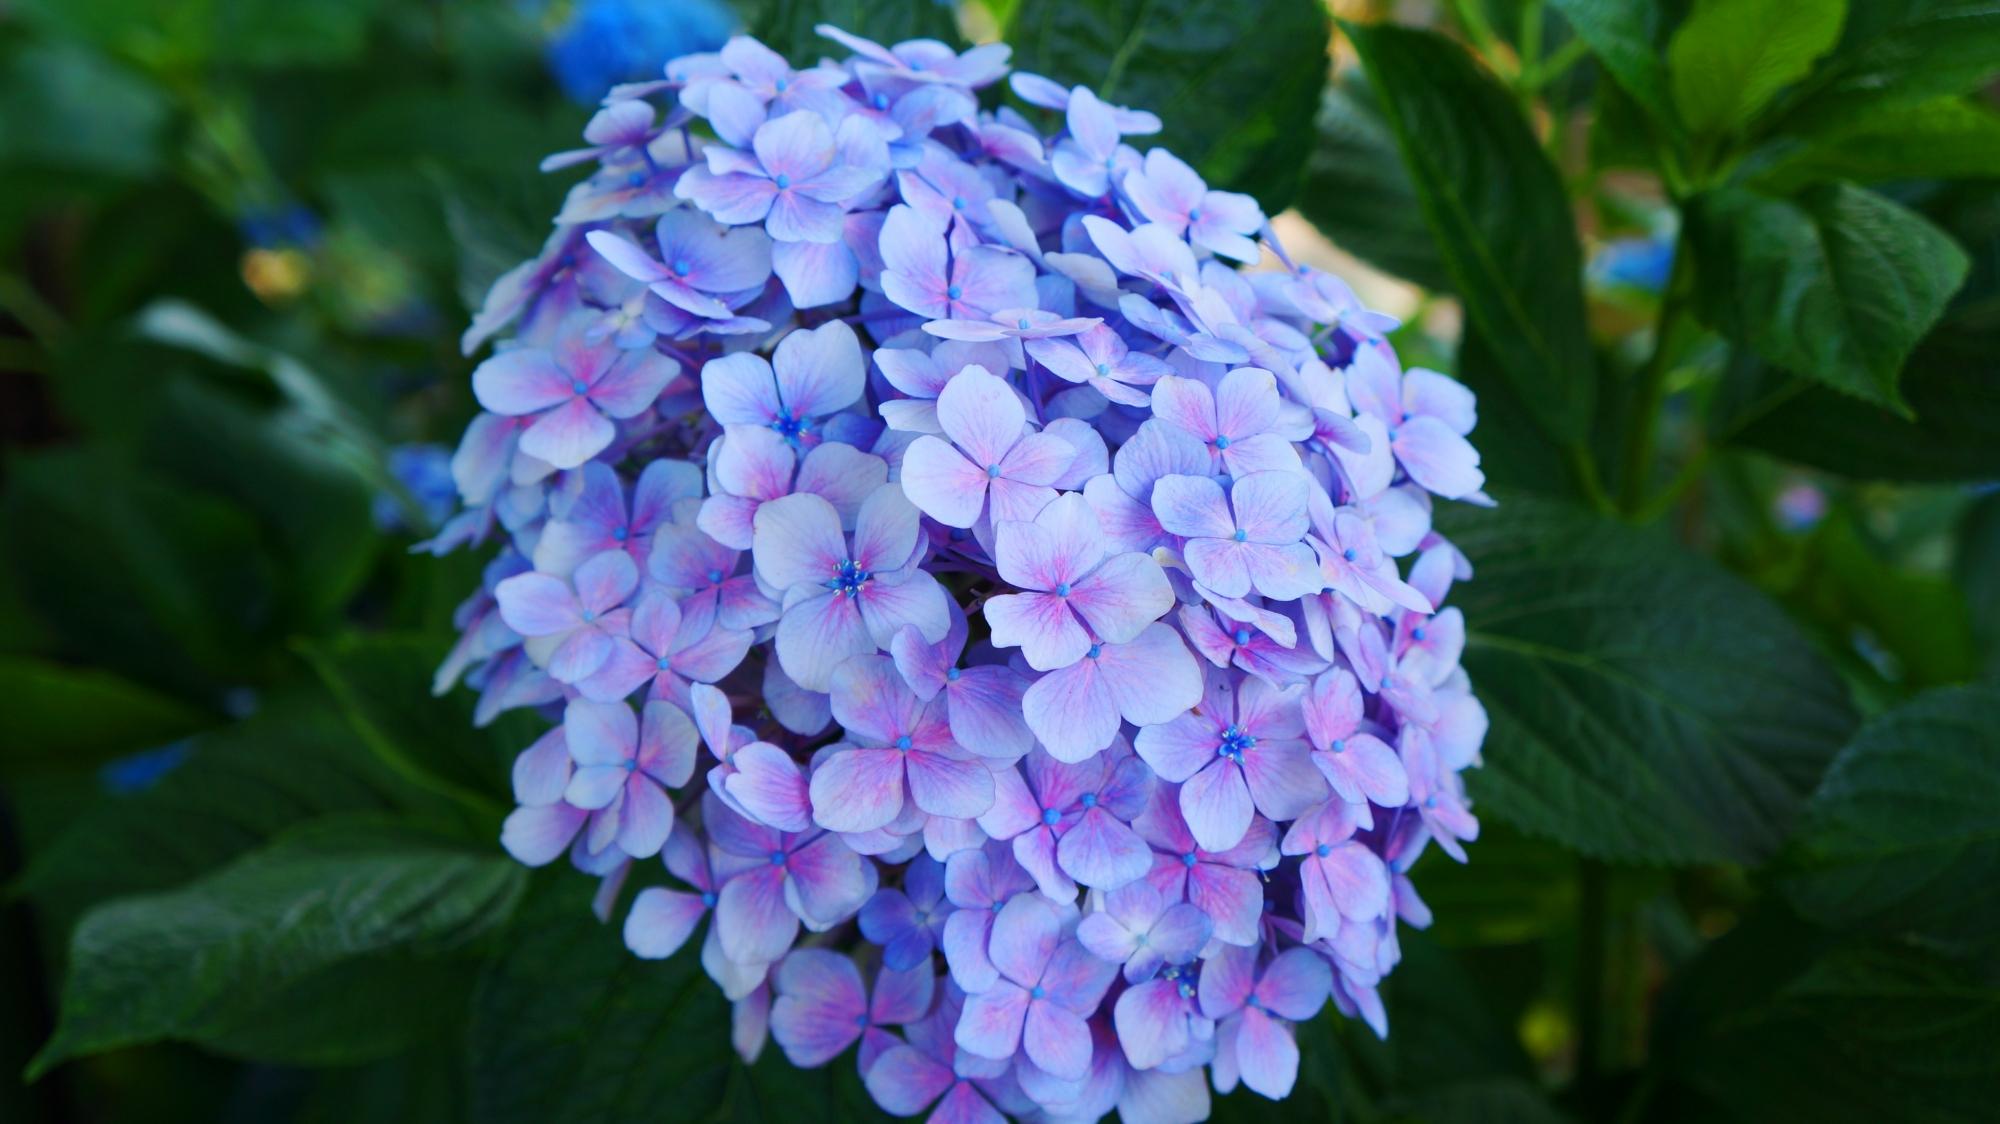 藤森神社の淡く華やかな色合いの紫陽花